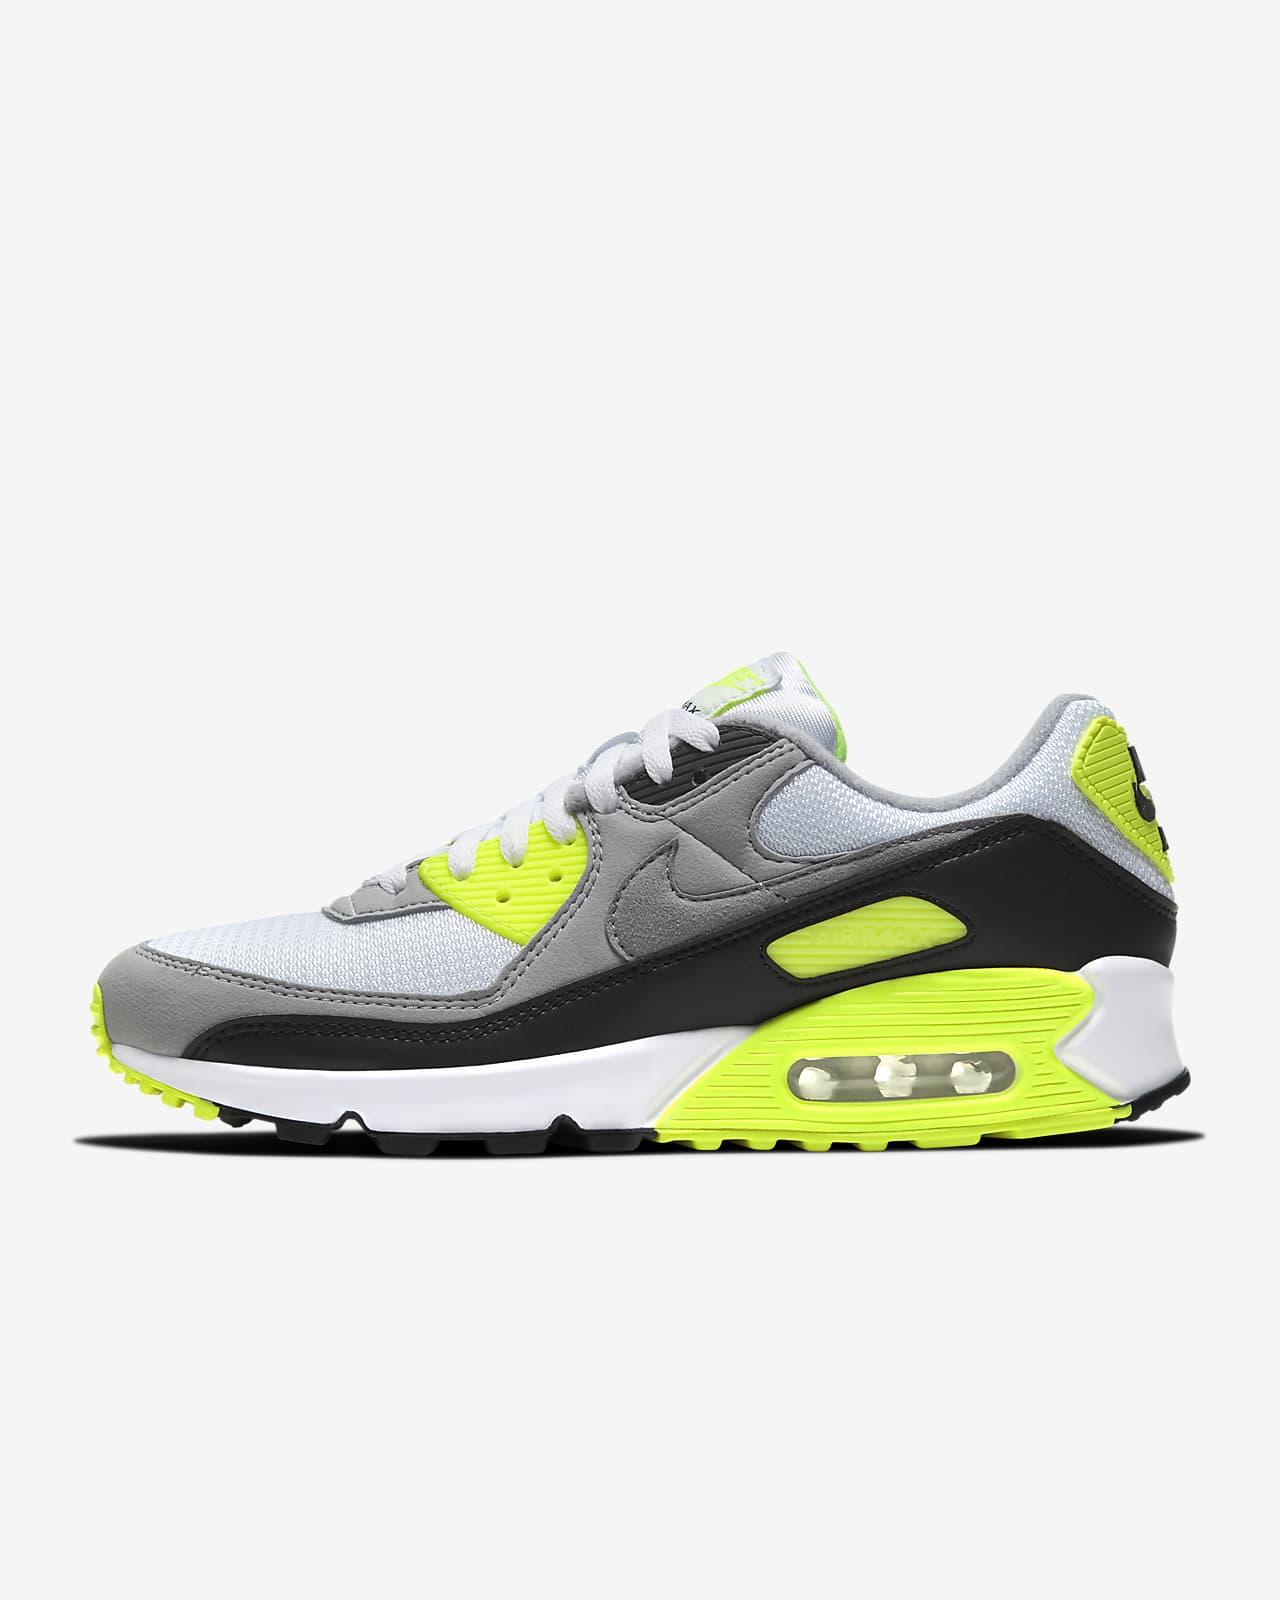 air max 90 scarpe uomo